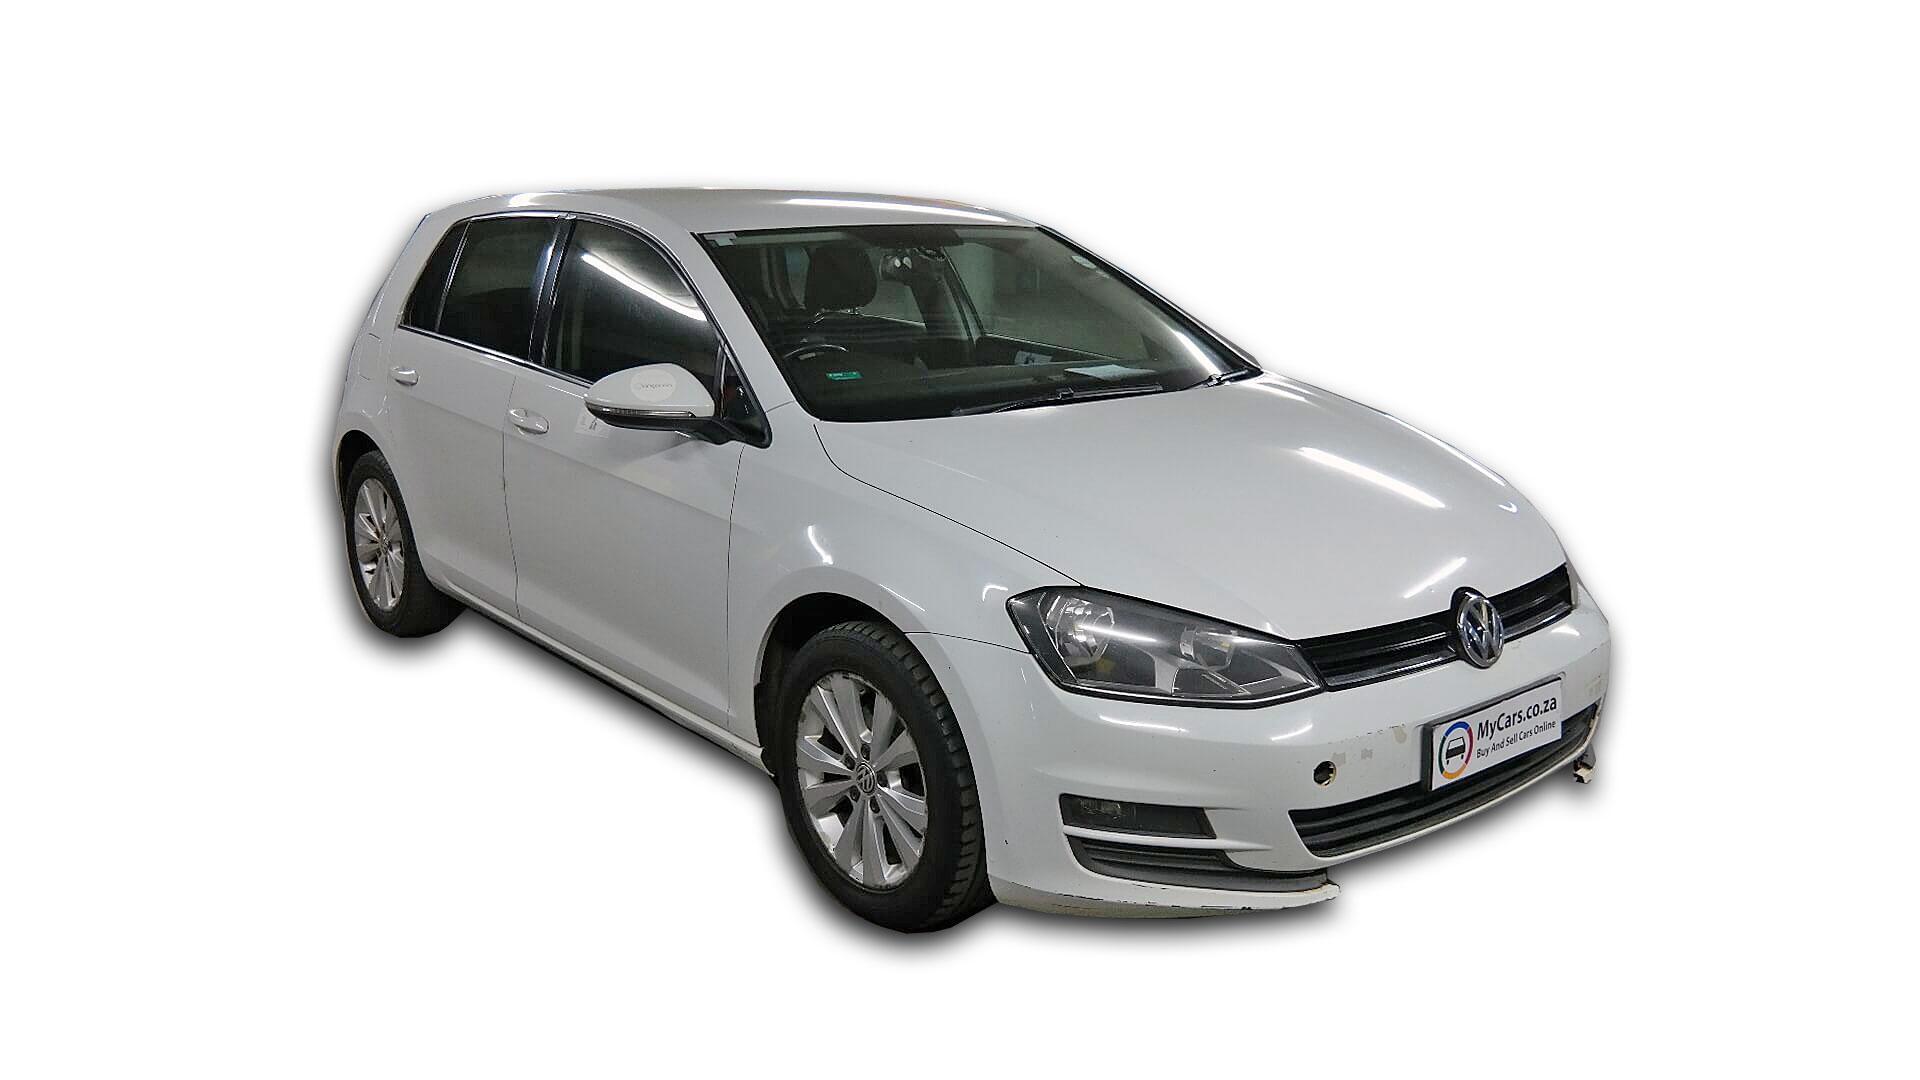 Volkswagen Golf 7 1.4 Tsi Comfortline